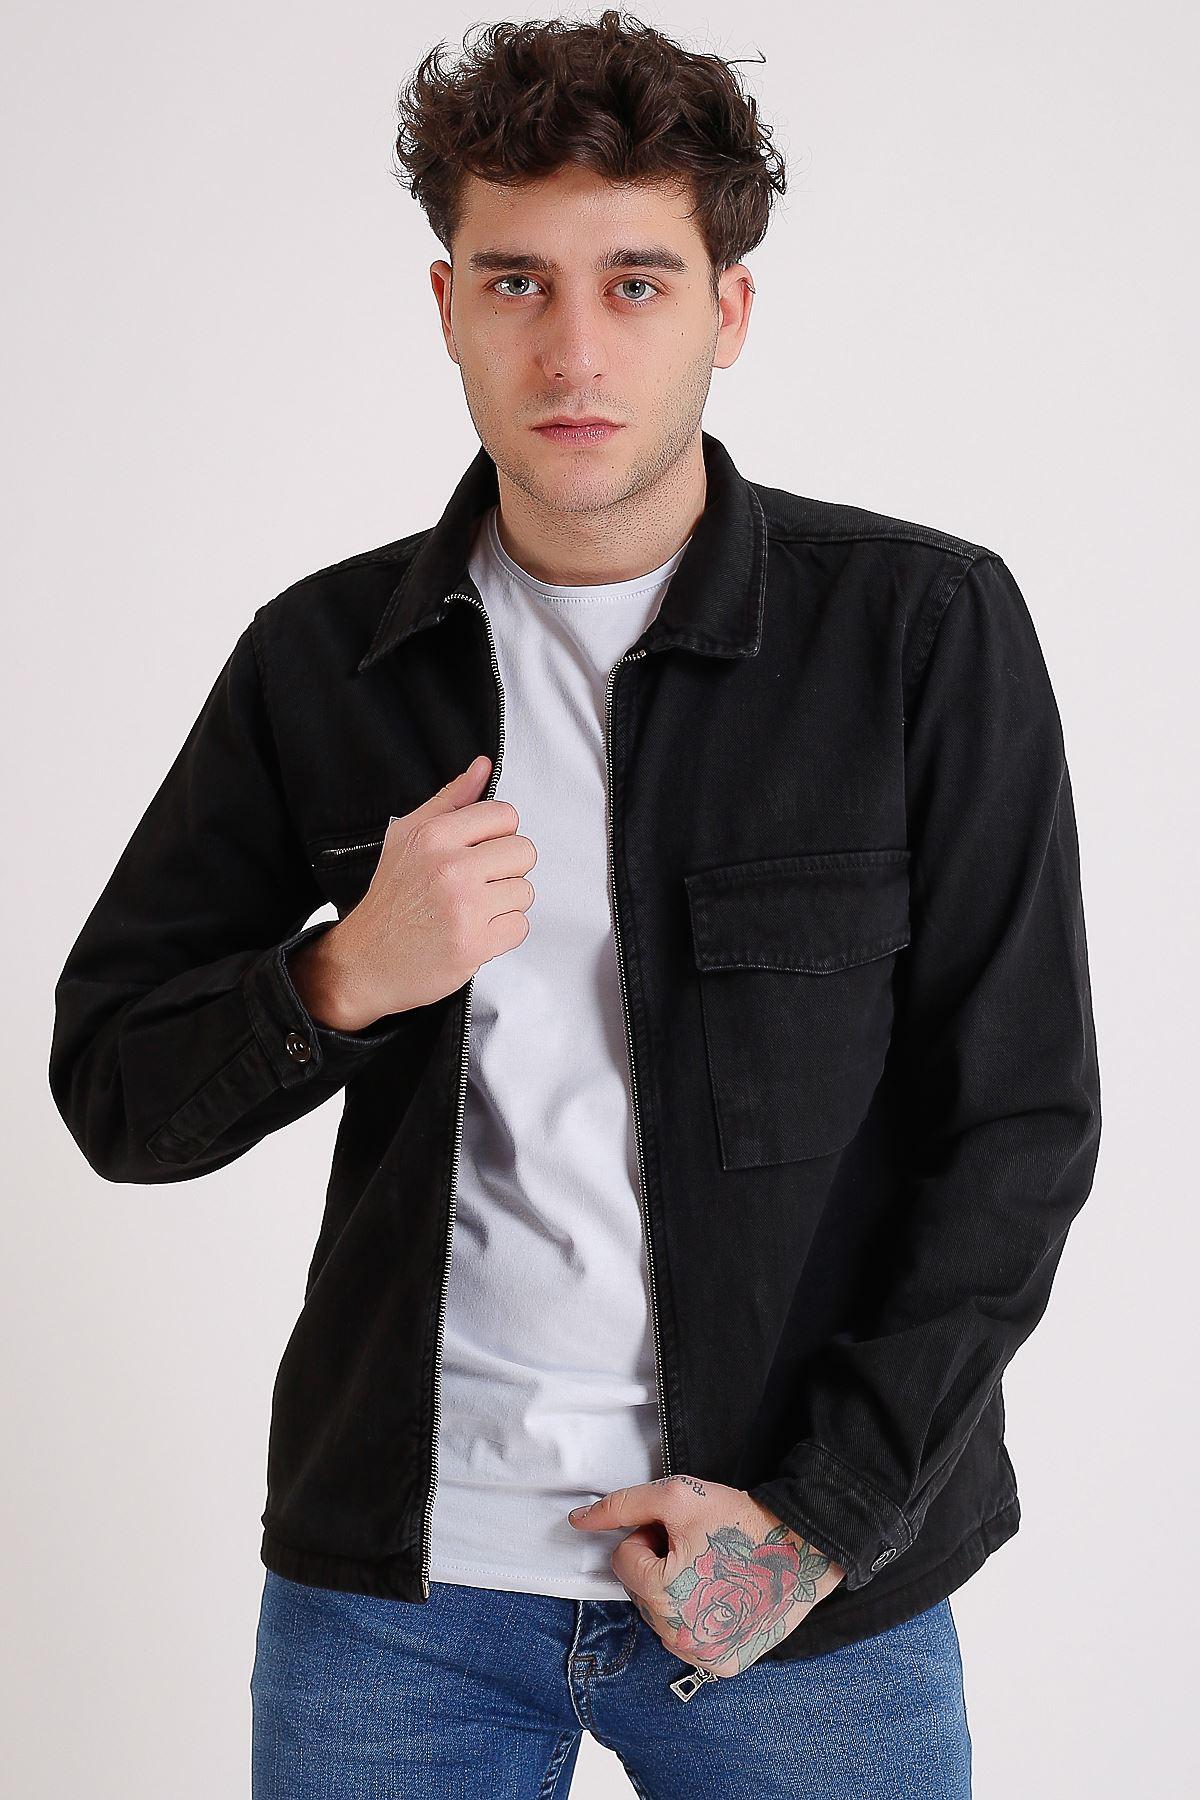 Premium Pamuklu Siyah Ceket Cep Fermuar Ve Detay Baskı